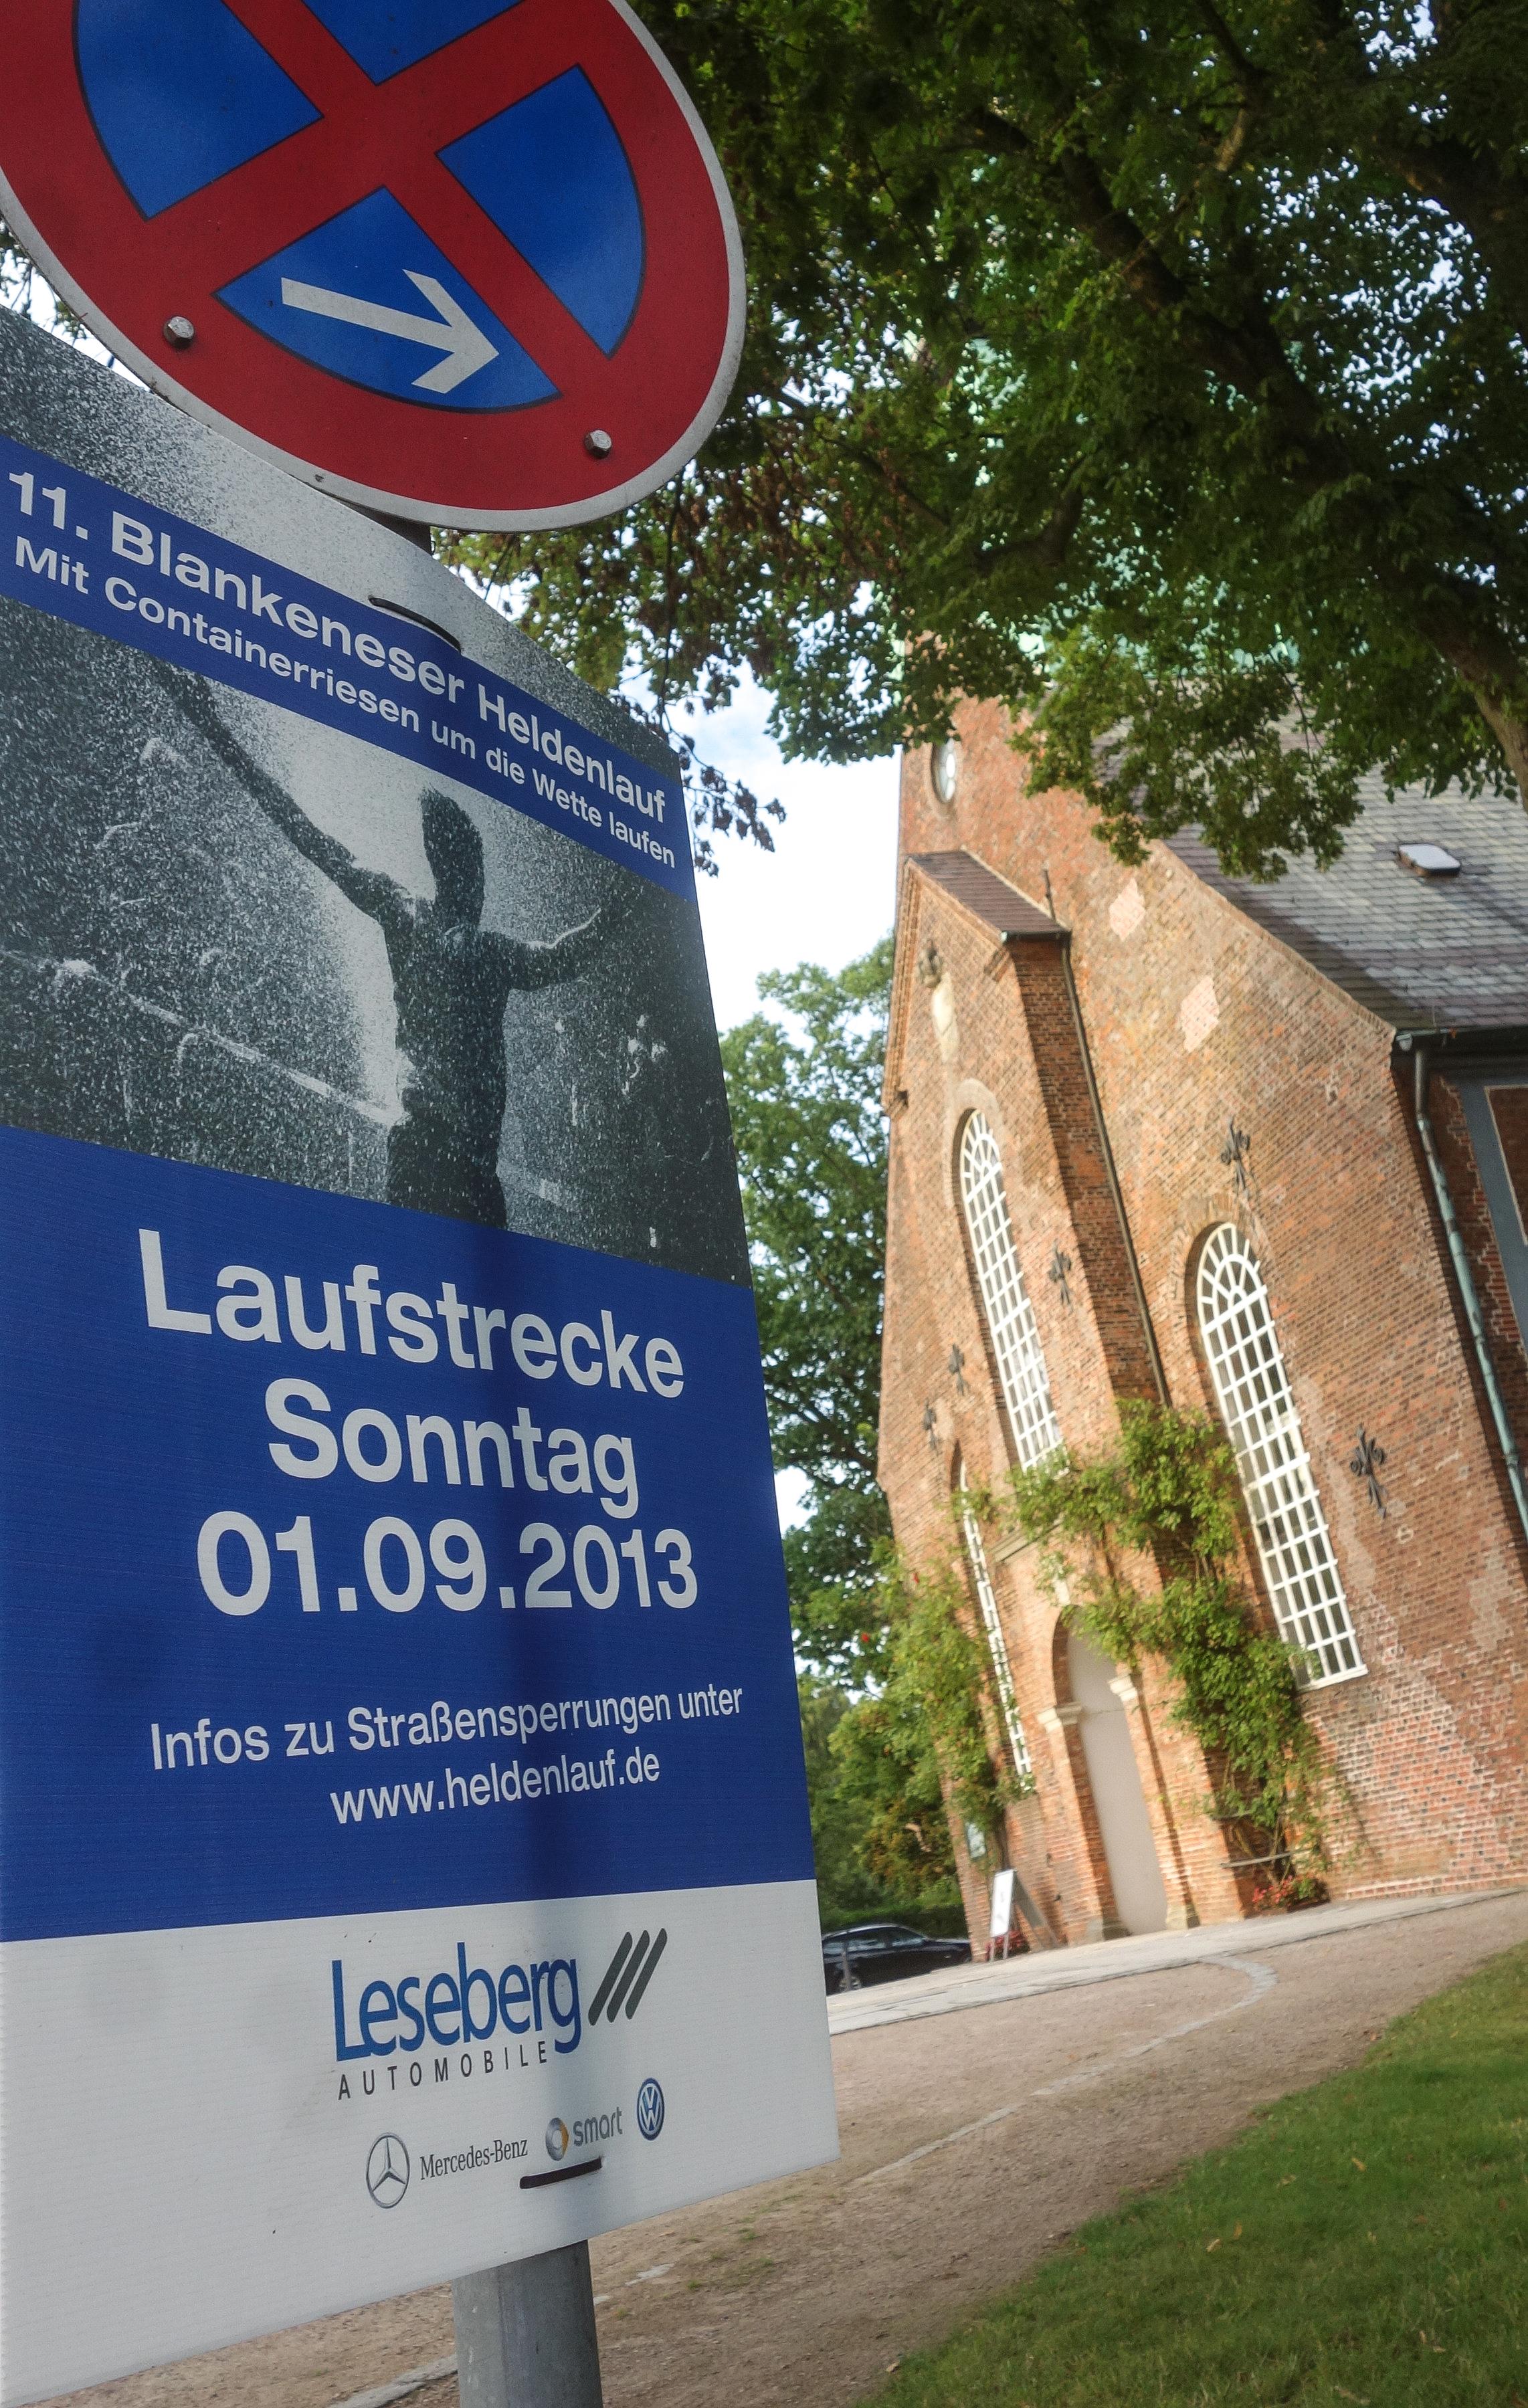 Heldenlauf Hamburg Blankenese Blankenesener Sonntag Sperrungen 01 09 Urbanathlon Laufen Marathon Halbmarathon Hindernisse Fotos Bilder